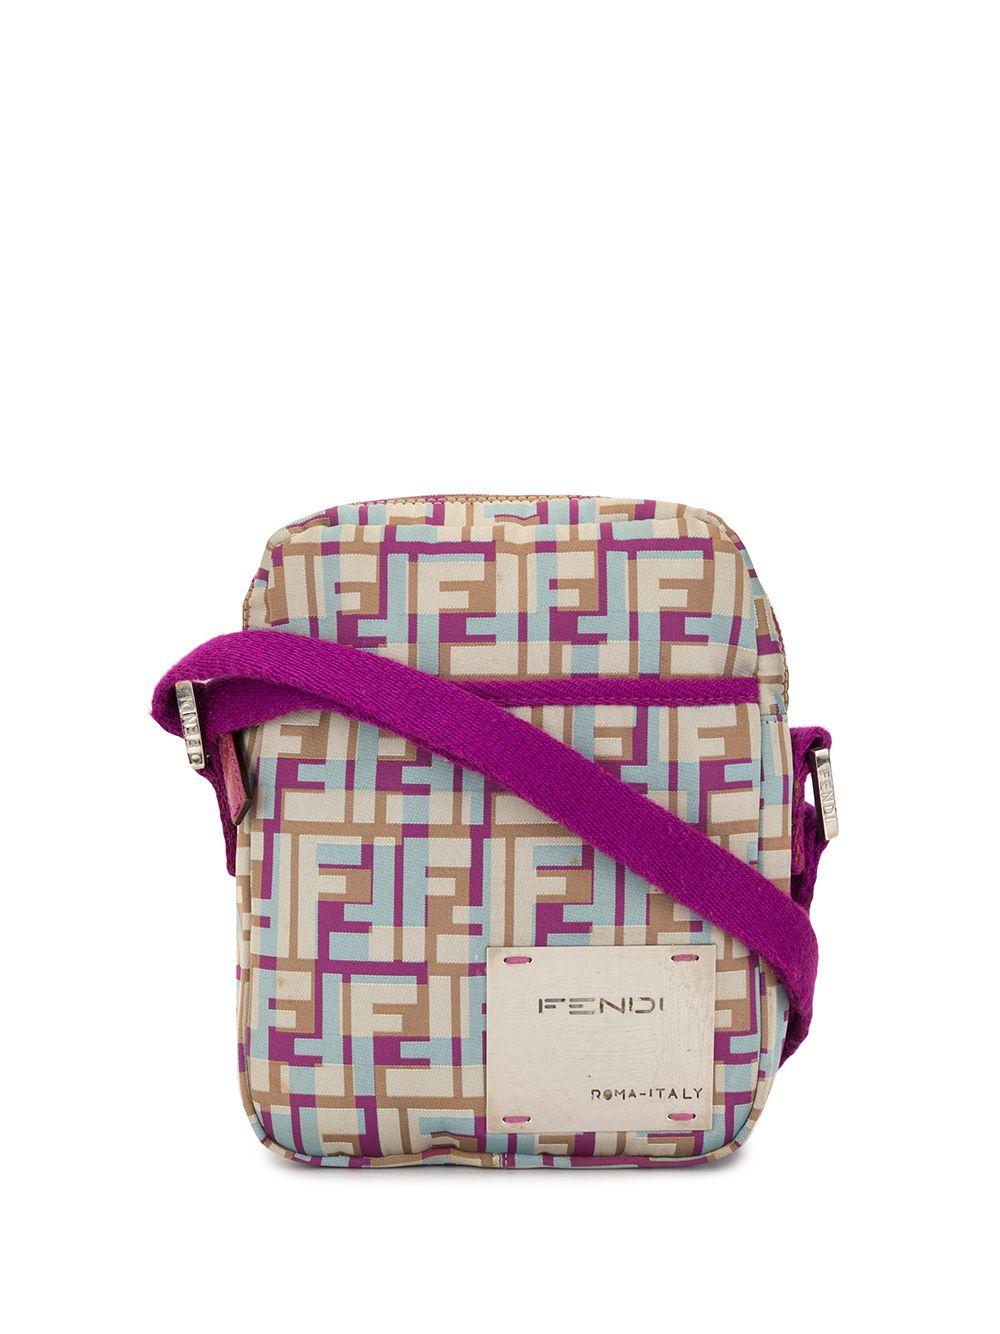 Fendi Pre-Owned Umhängetasche mit Zucca-Muster - Violett